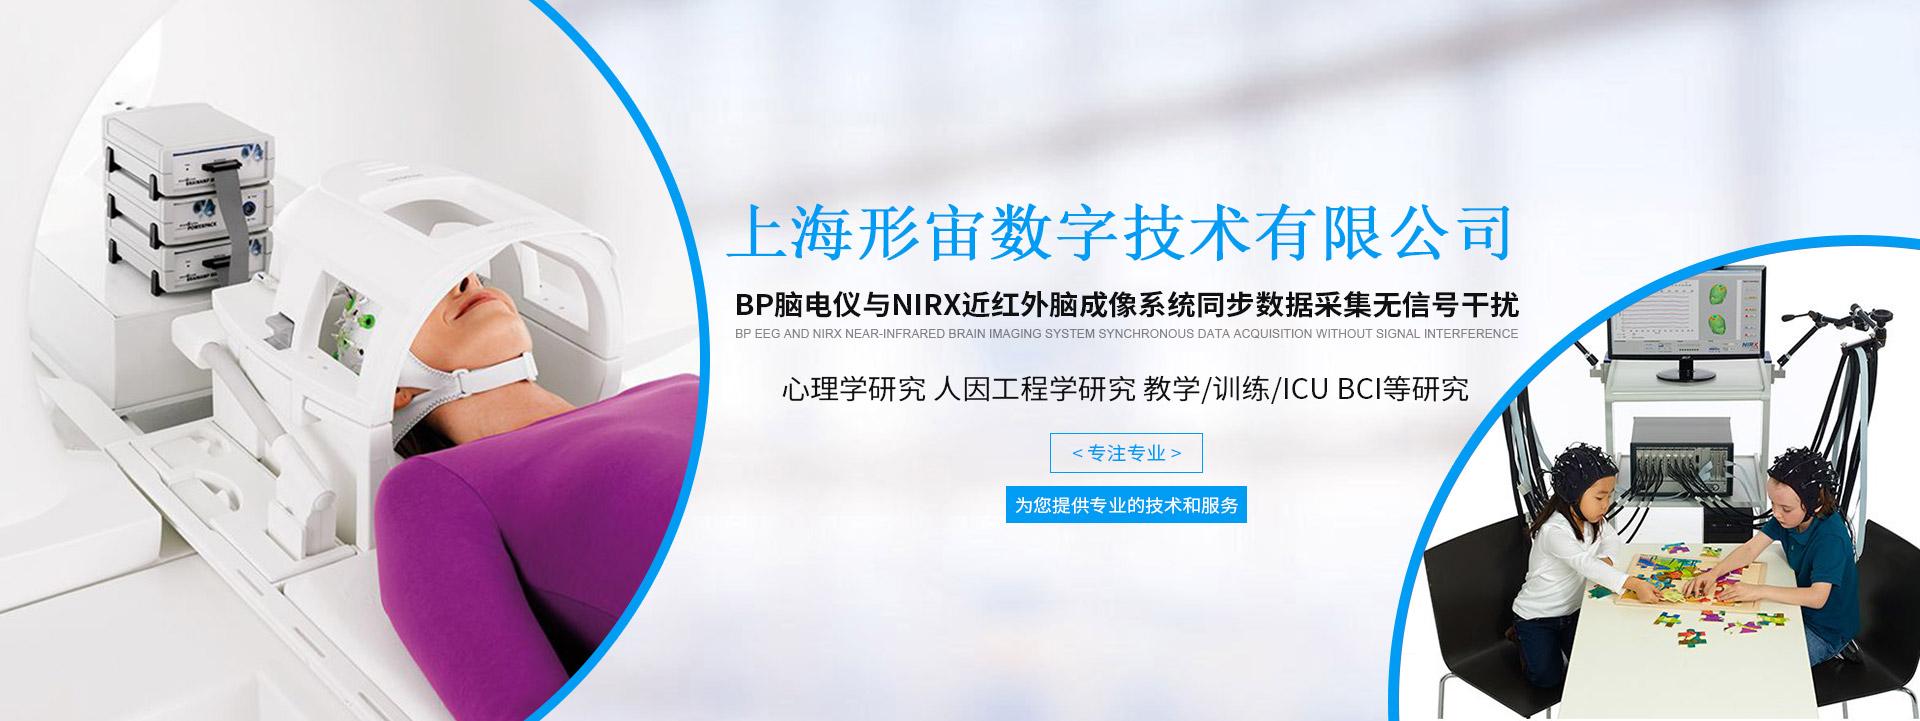 上海形宙数字技术有限公司